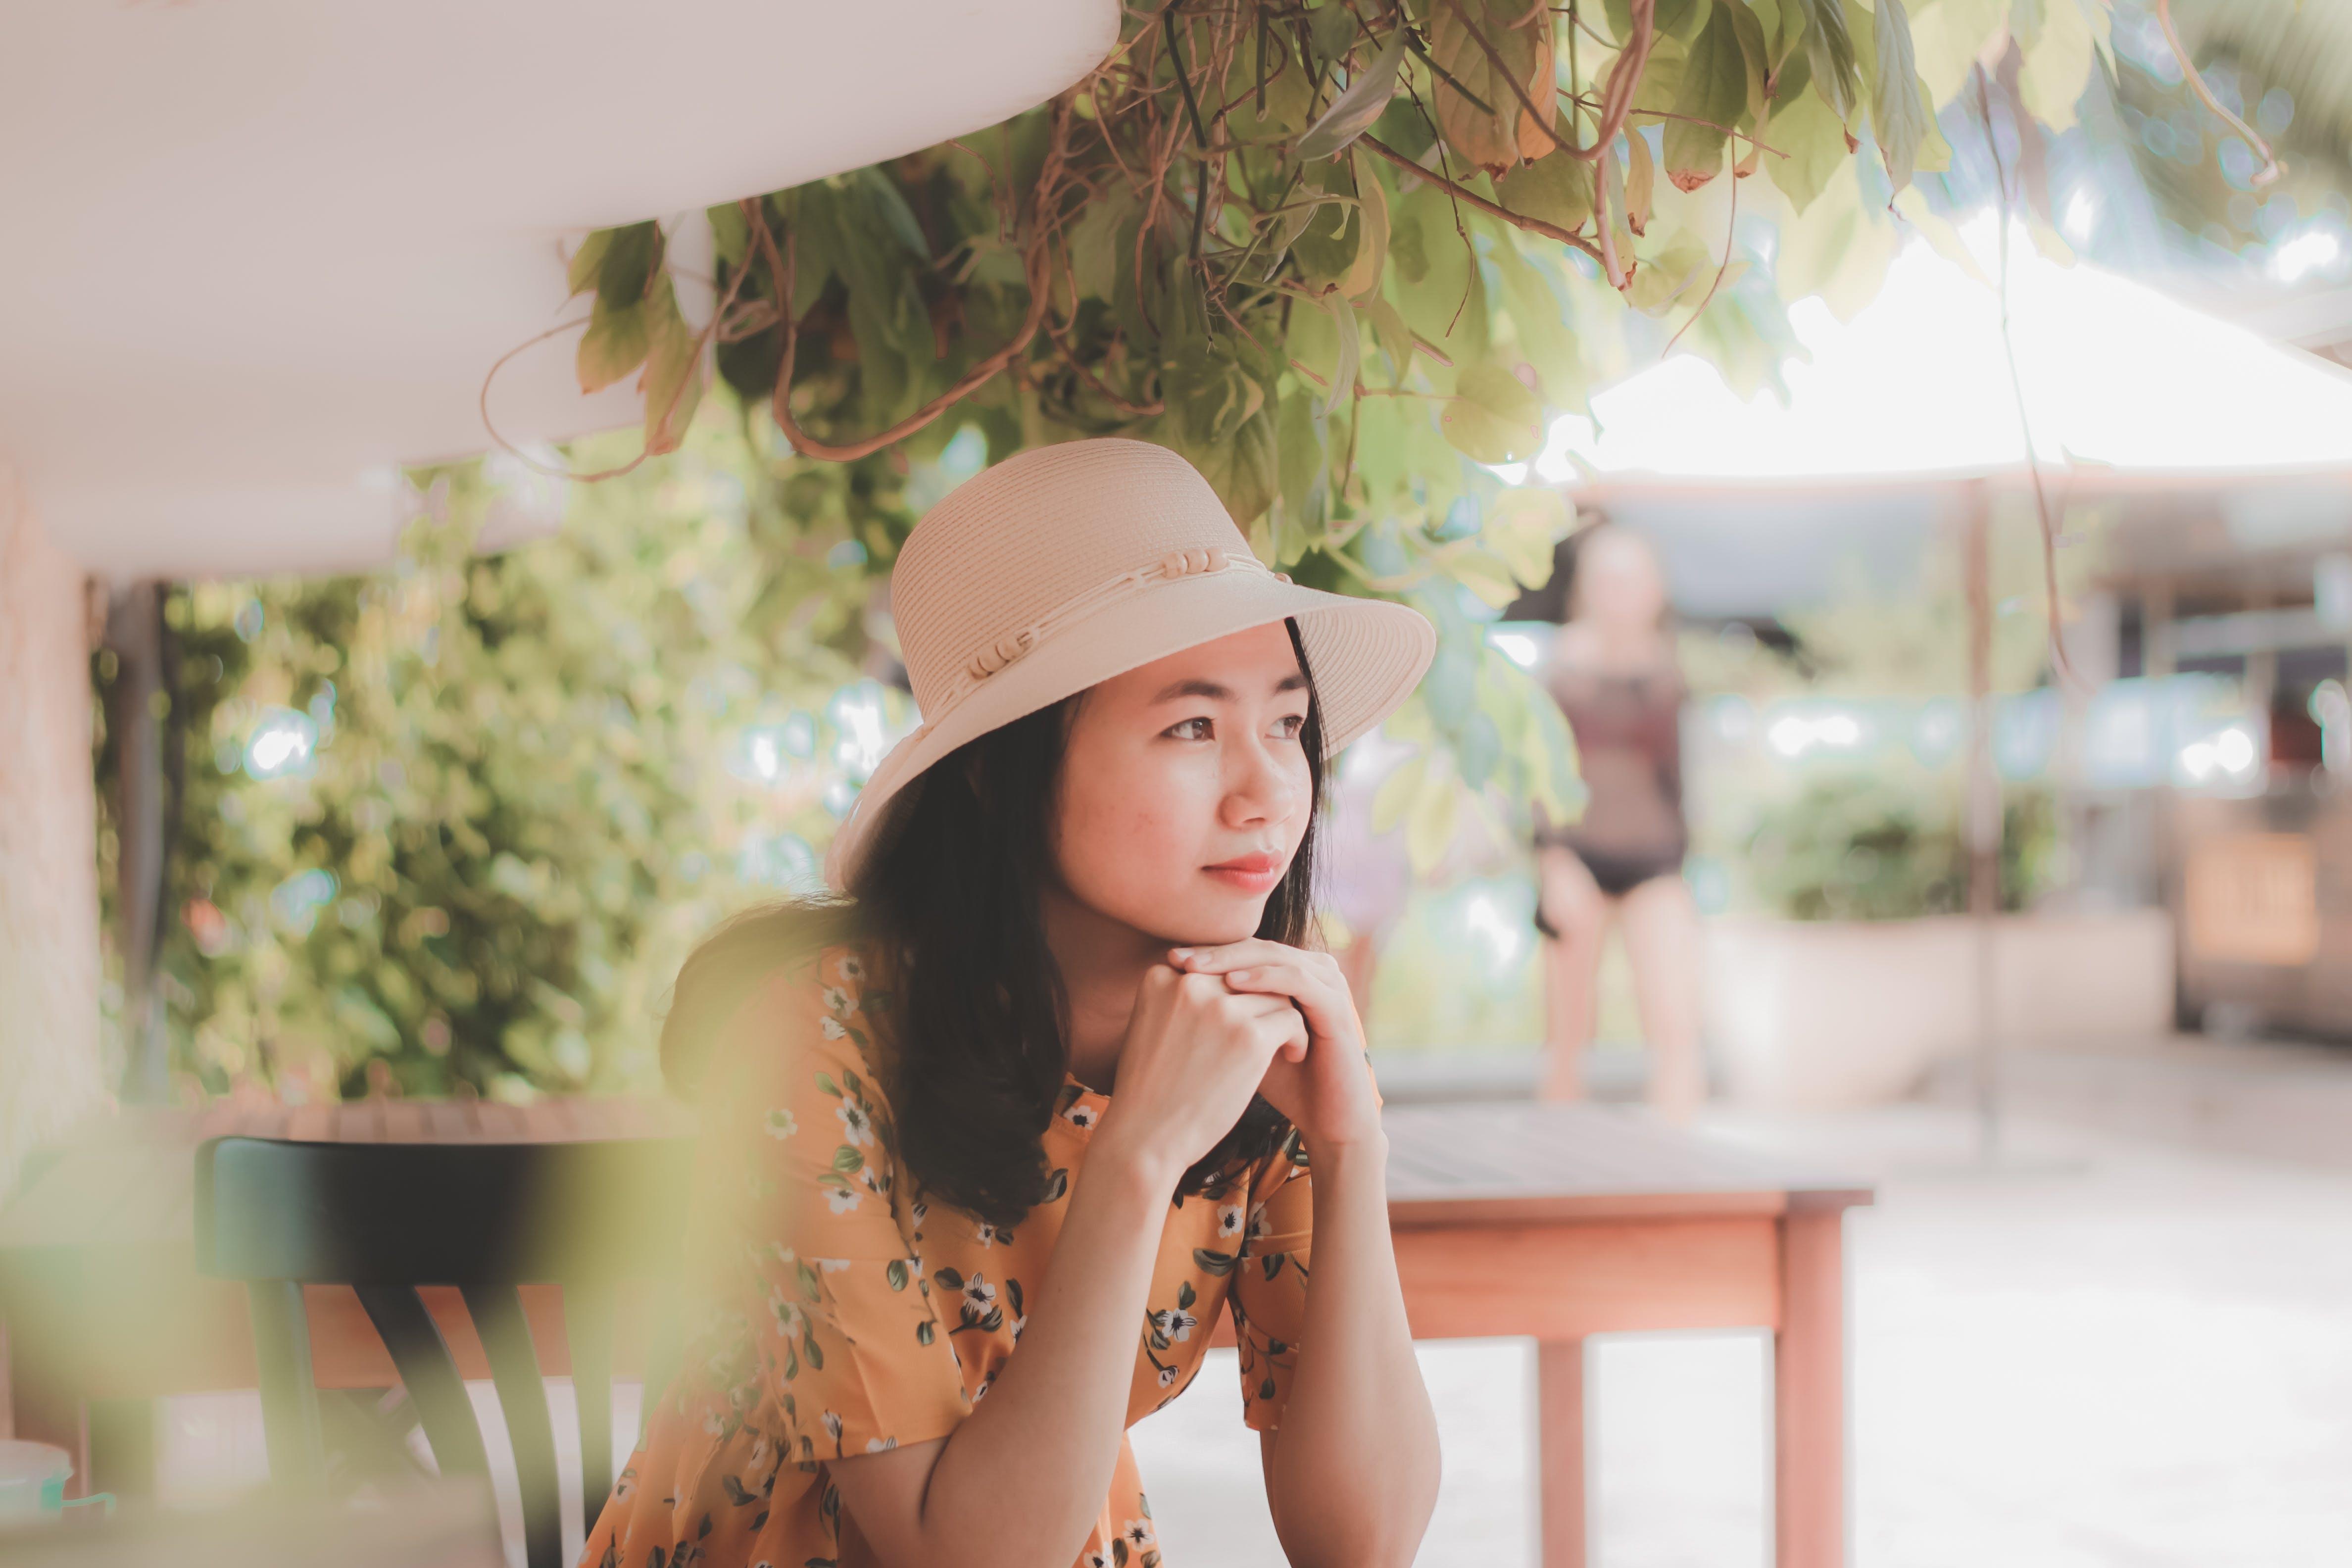 Kostenloses Stock Foto zu #vietnamesisch, asiatin, deckel, draußen